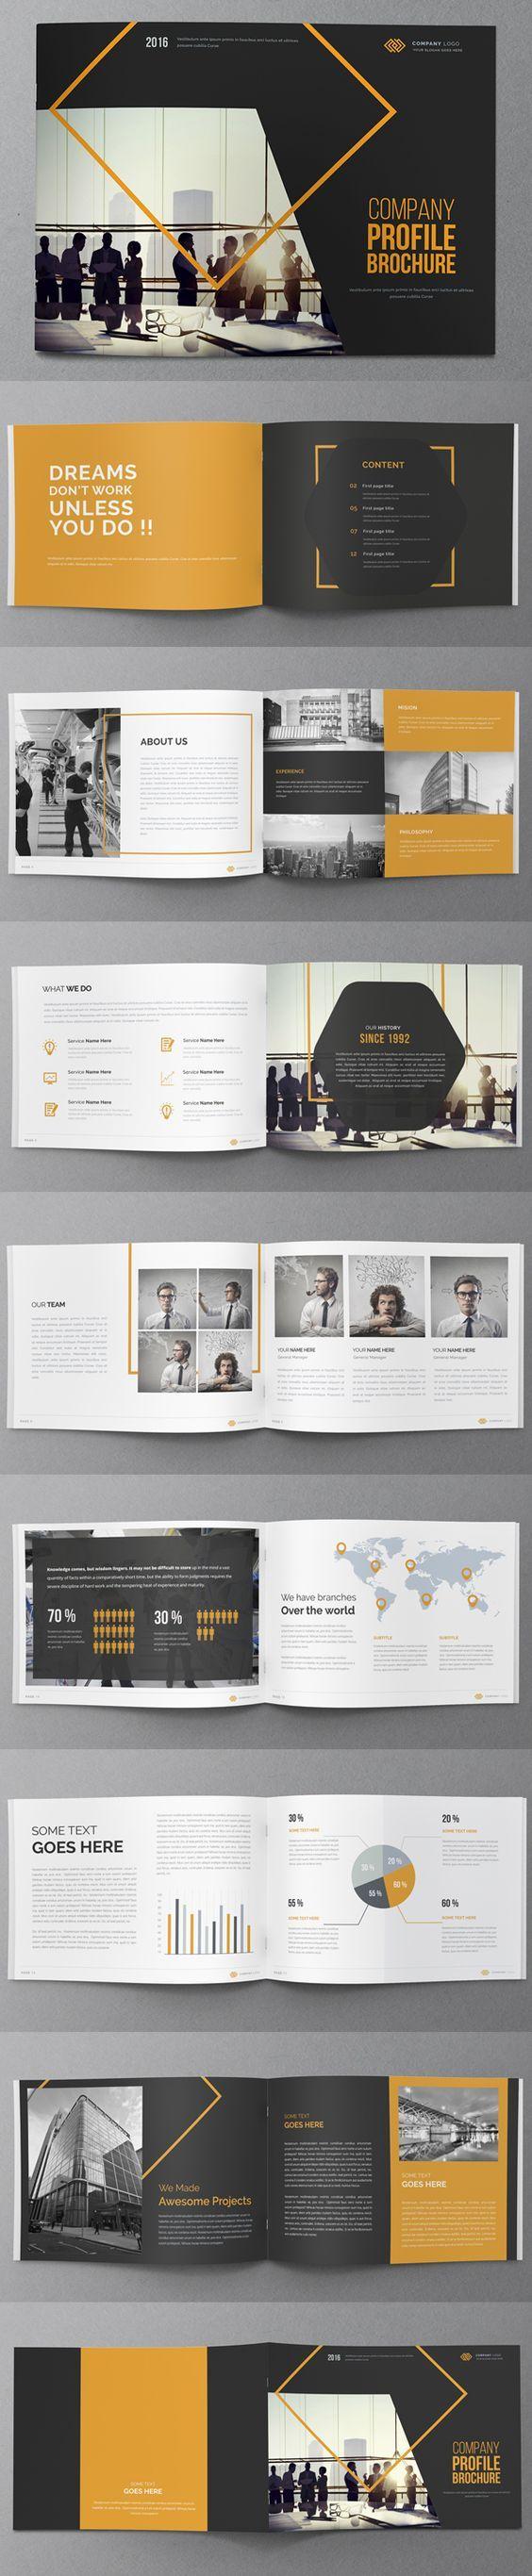 Creative Annual Report Brochure Design                                                                                                                                                      More: